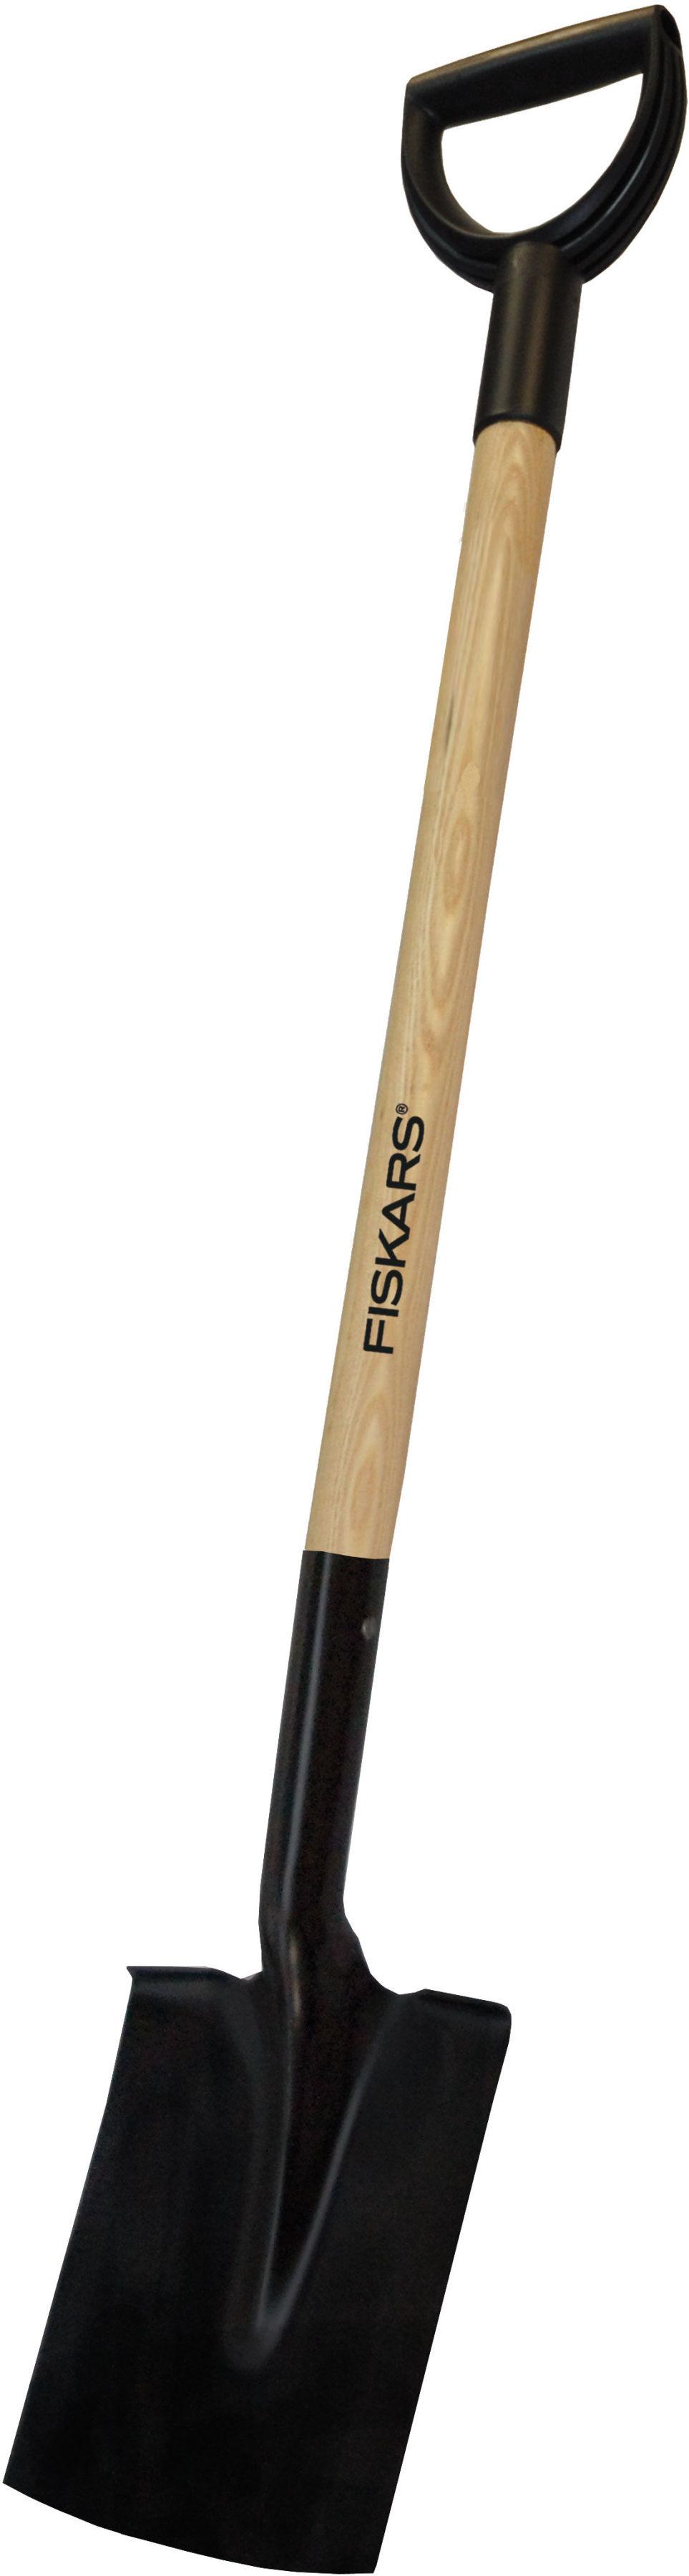 FS131423 Szpadel prosty długość 116cm, [64], Fiskars